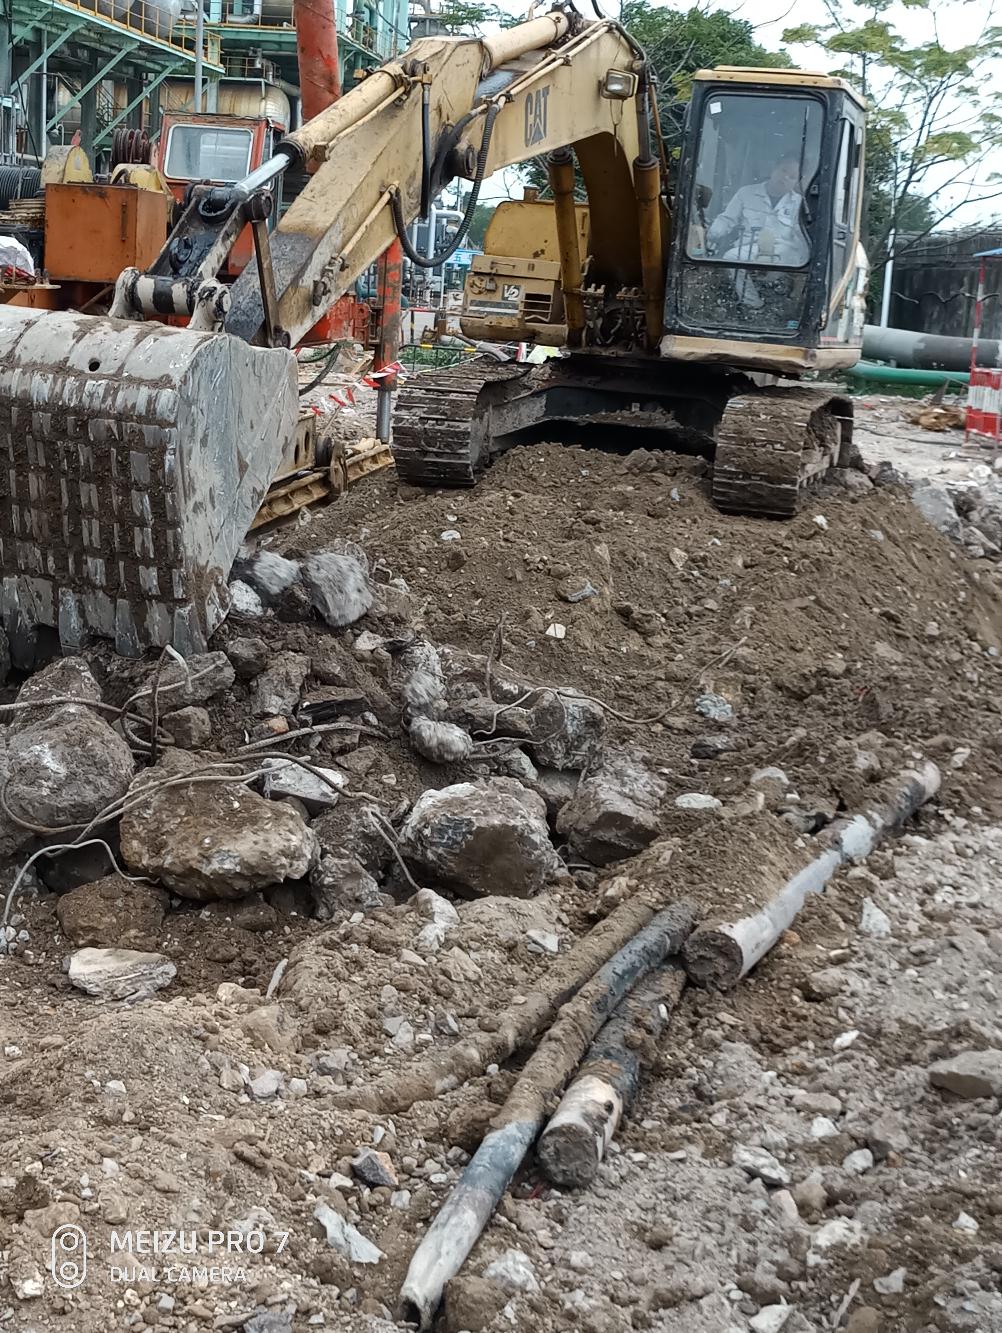 准备退场,不干了!工作面极小,还要深挖六米把地下的钢管填